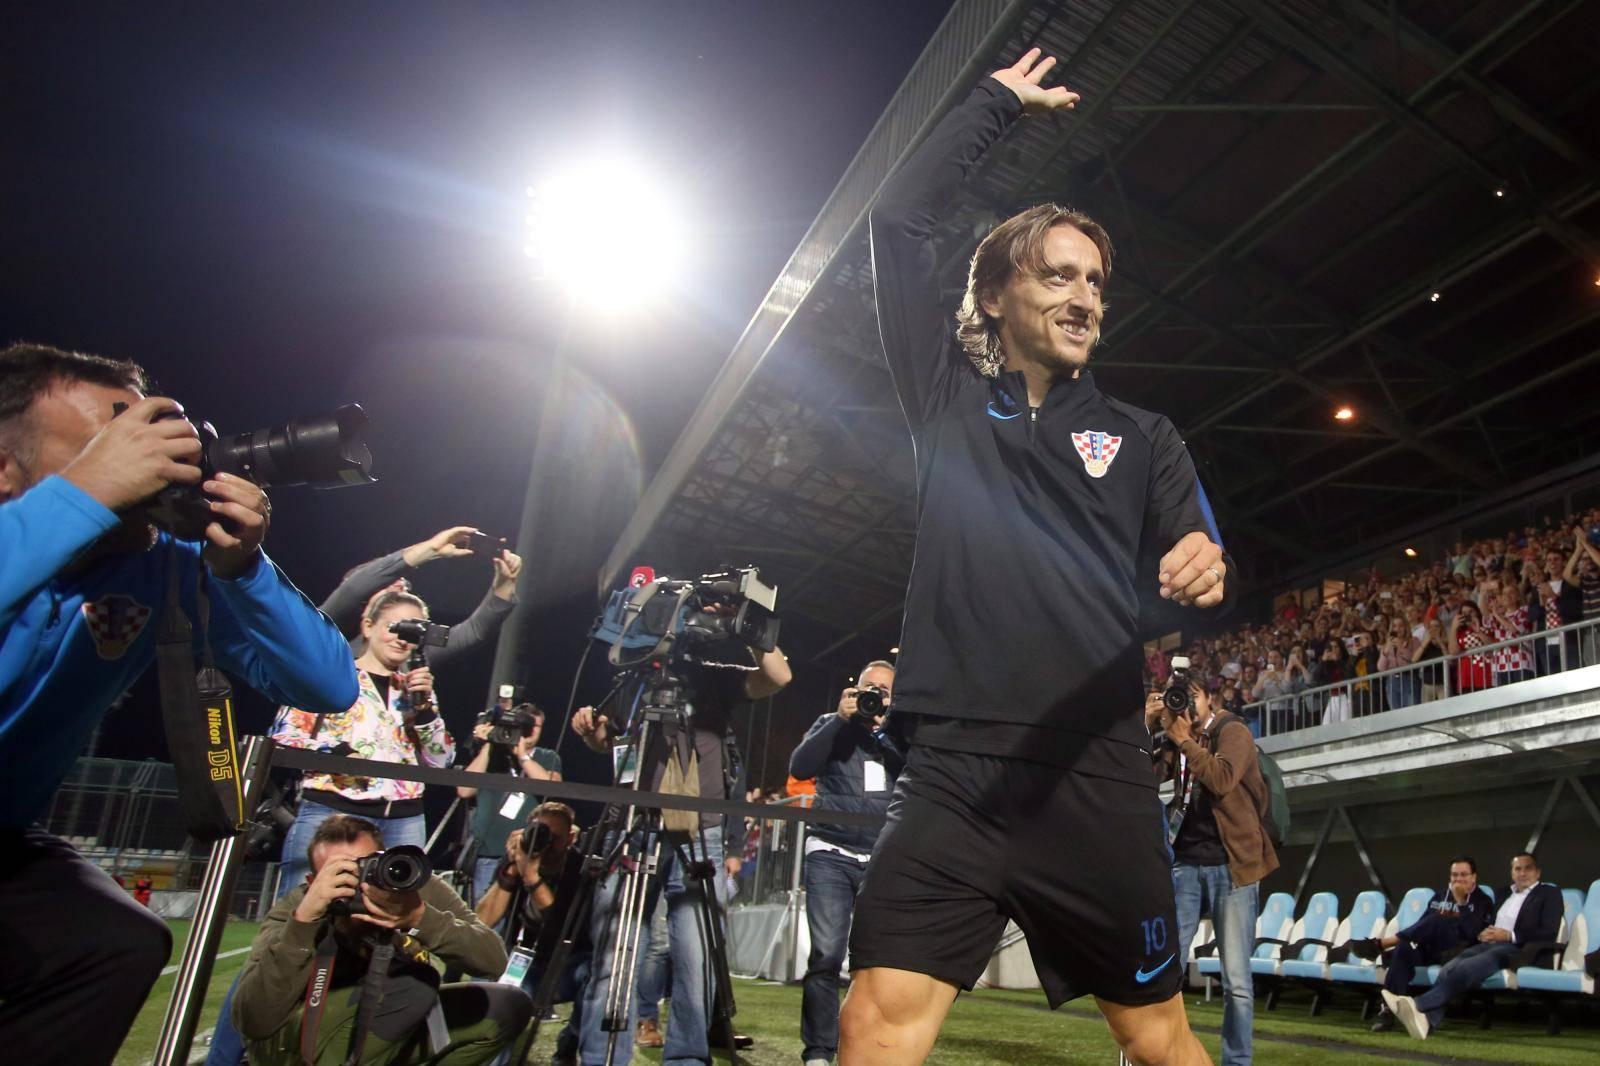 Rijeka: Trening reprezentativaca na popunjenom stadionu uoči utakmice s Engleskom